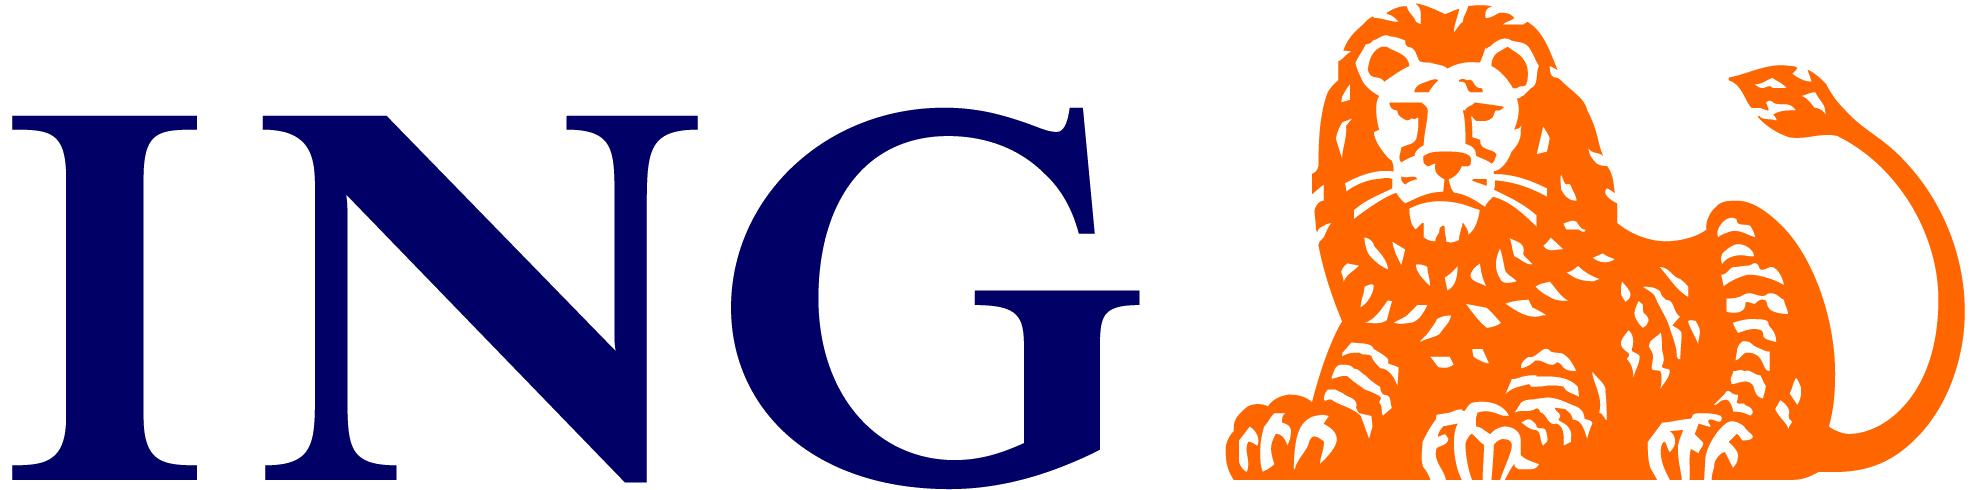 logo - ing - 01